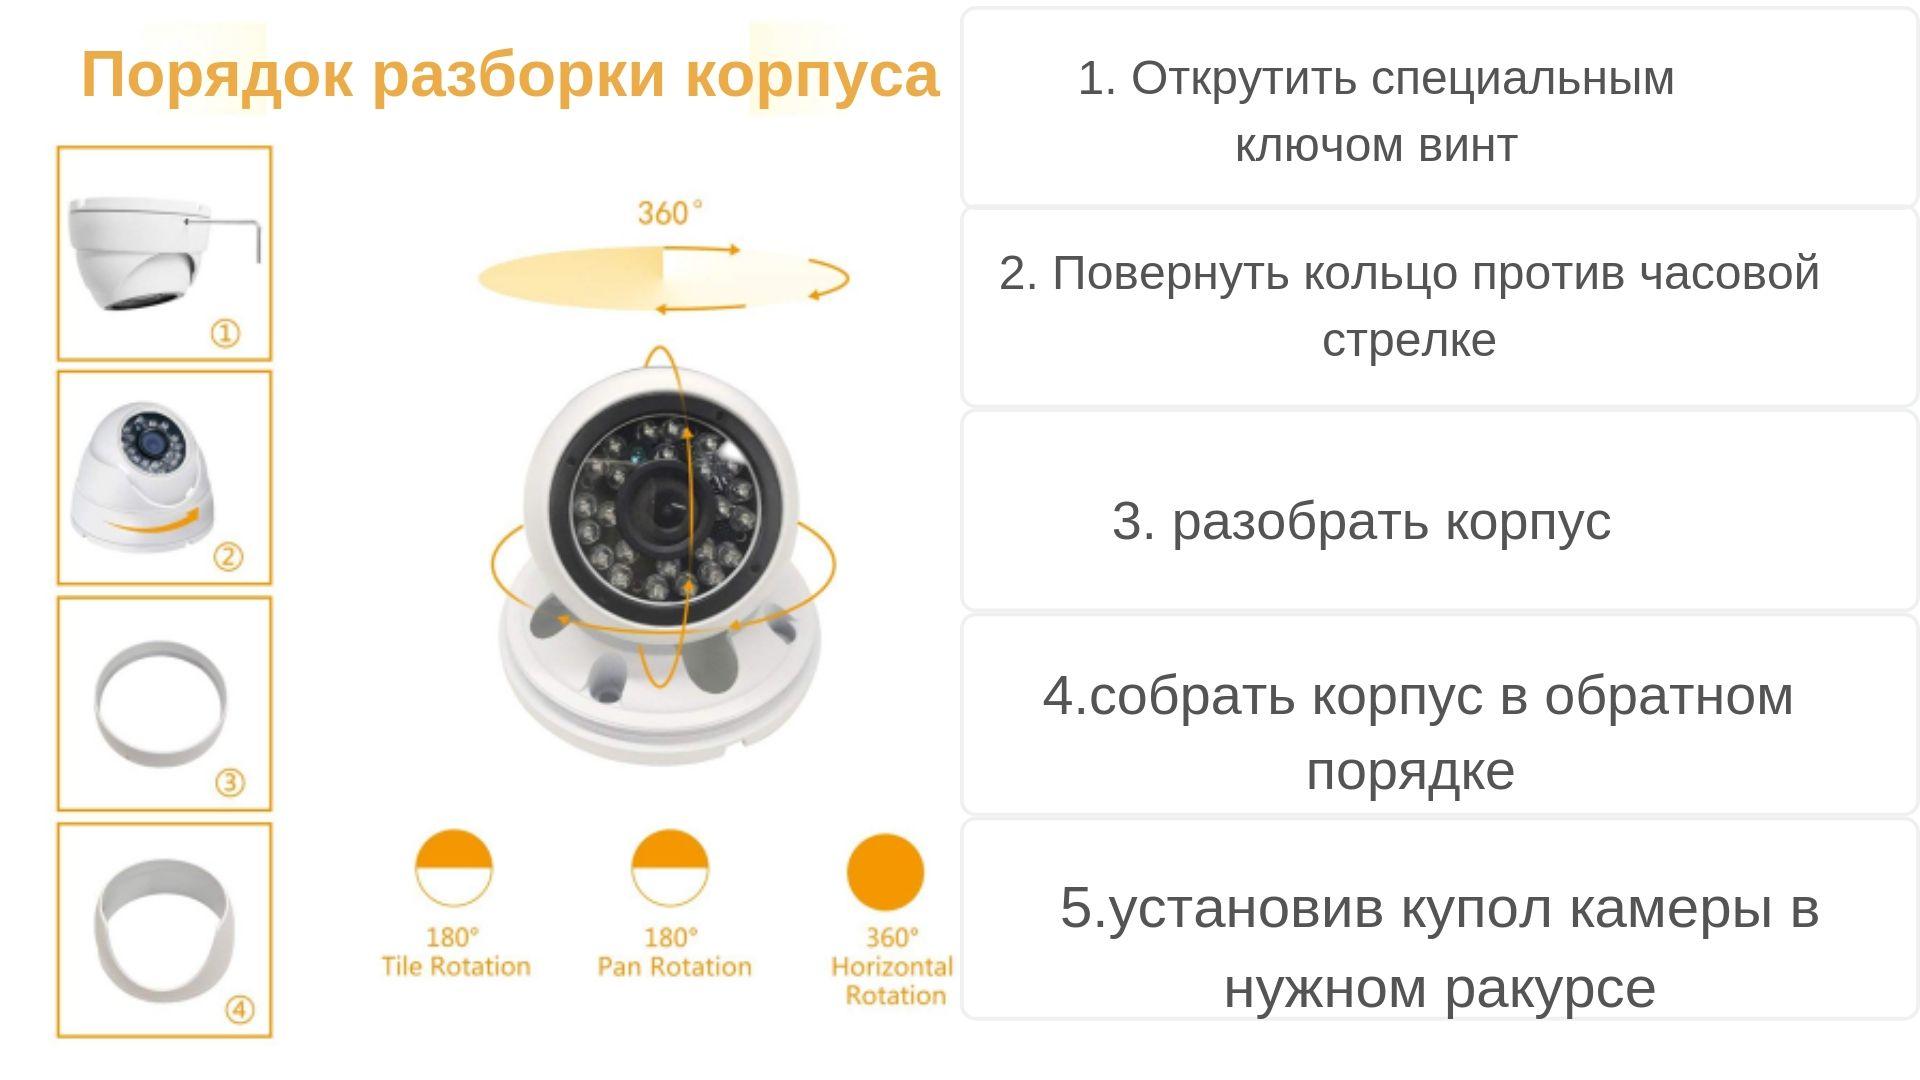 Схема разборки -сборки  купольной камеры CAICO TECH CCTV